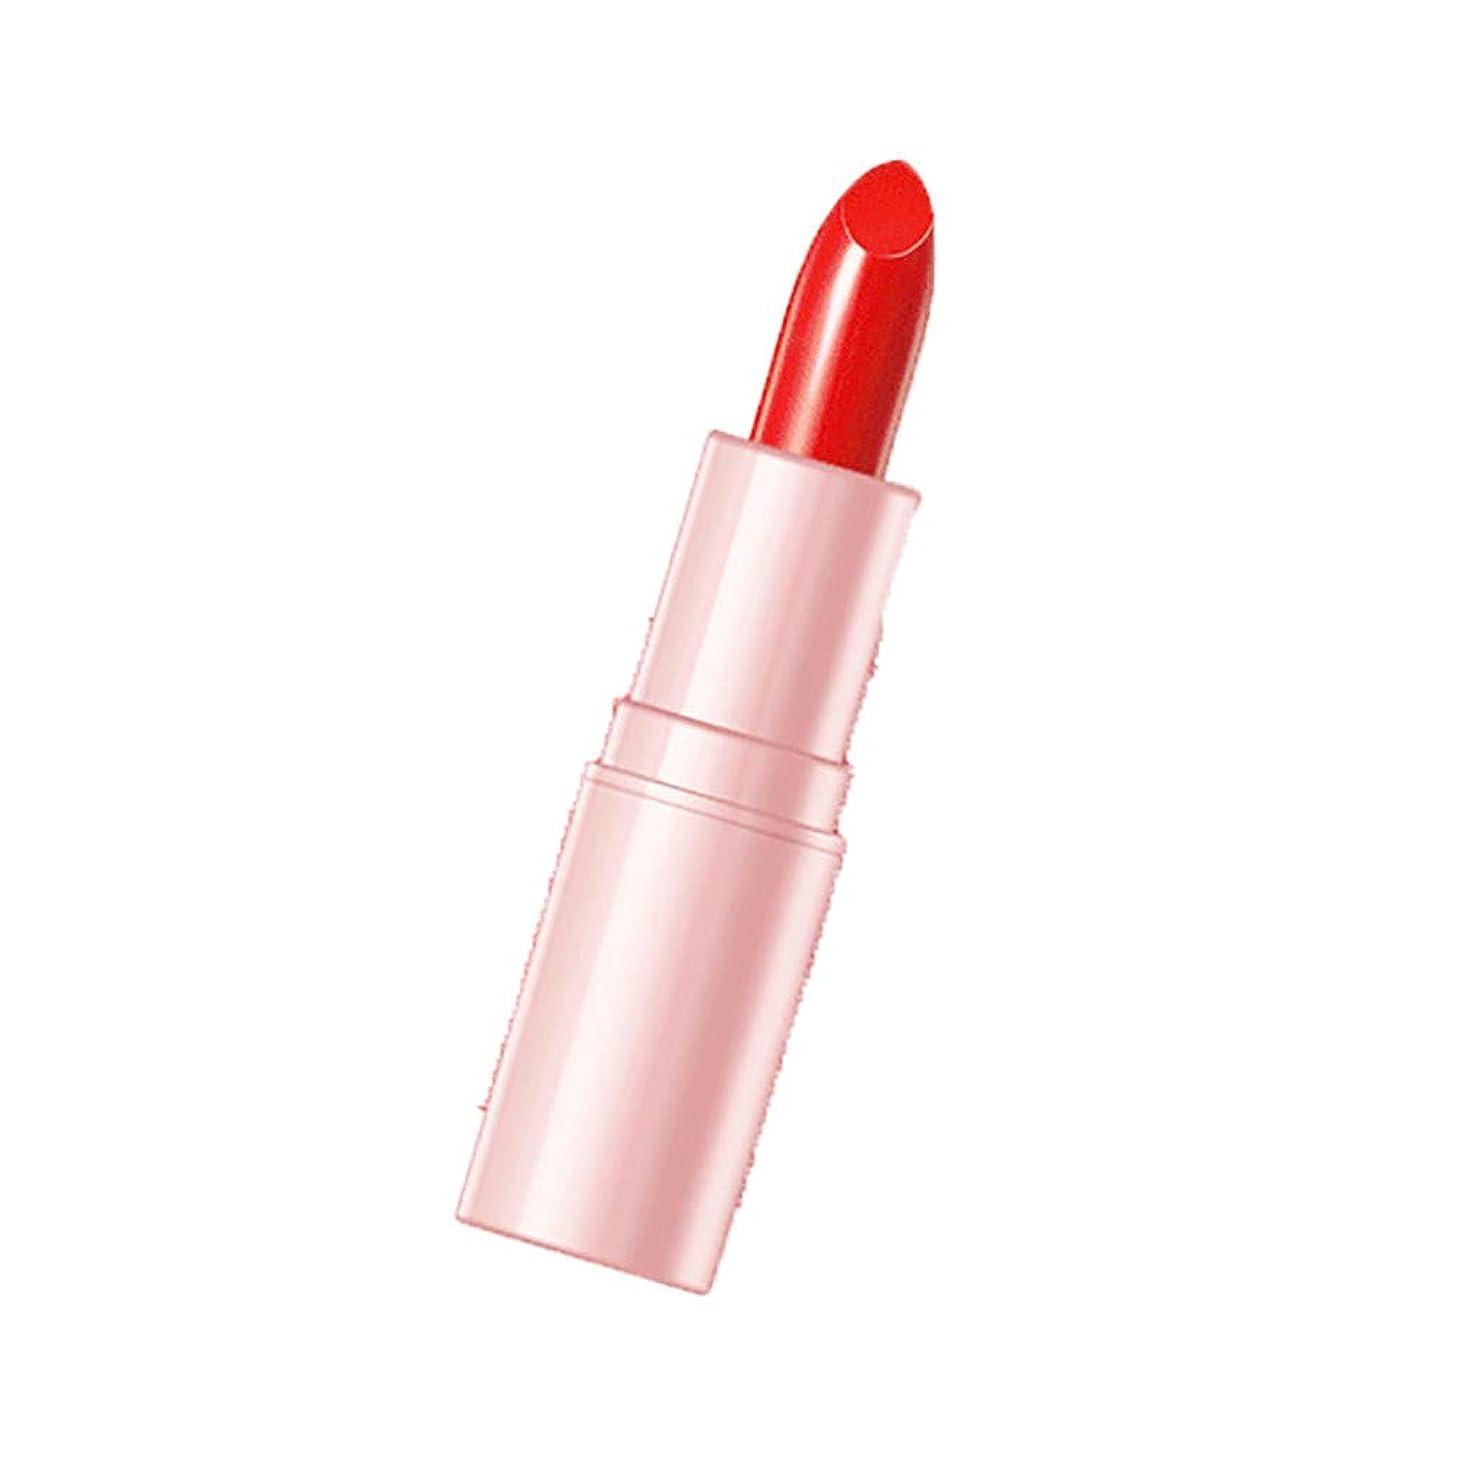 本部ジャズリングレット1個口紅 女性の美の構造は長続きがする水和のセクシーな口紅を防水します